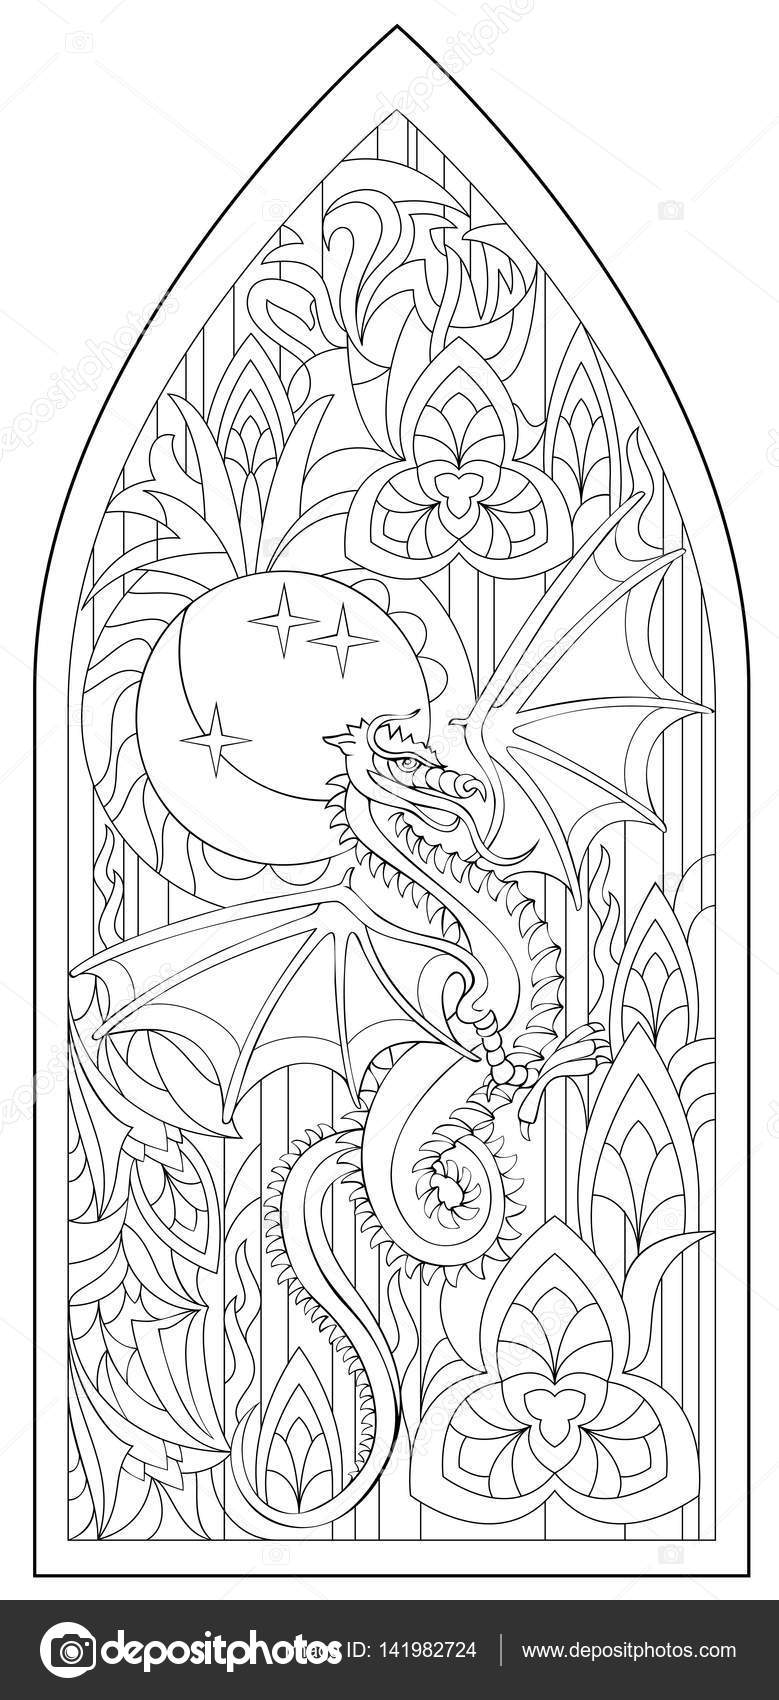 Página con blanco y negro dibujo de hermosa ventana gótica medieval ...